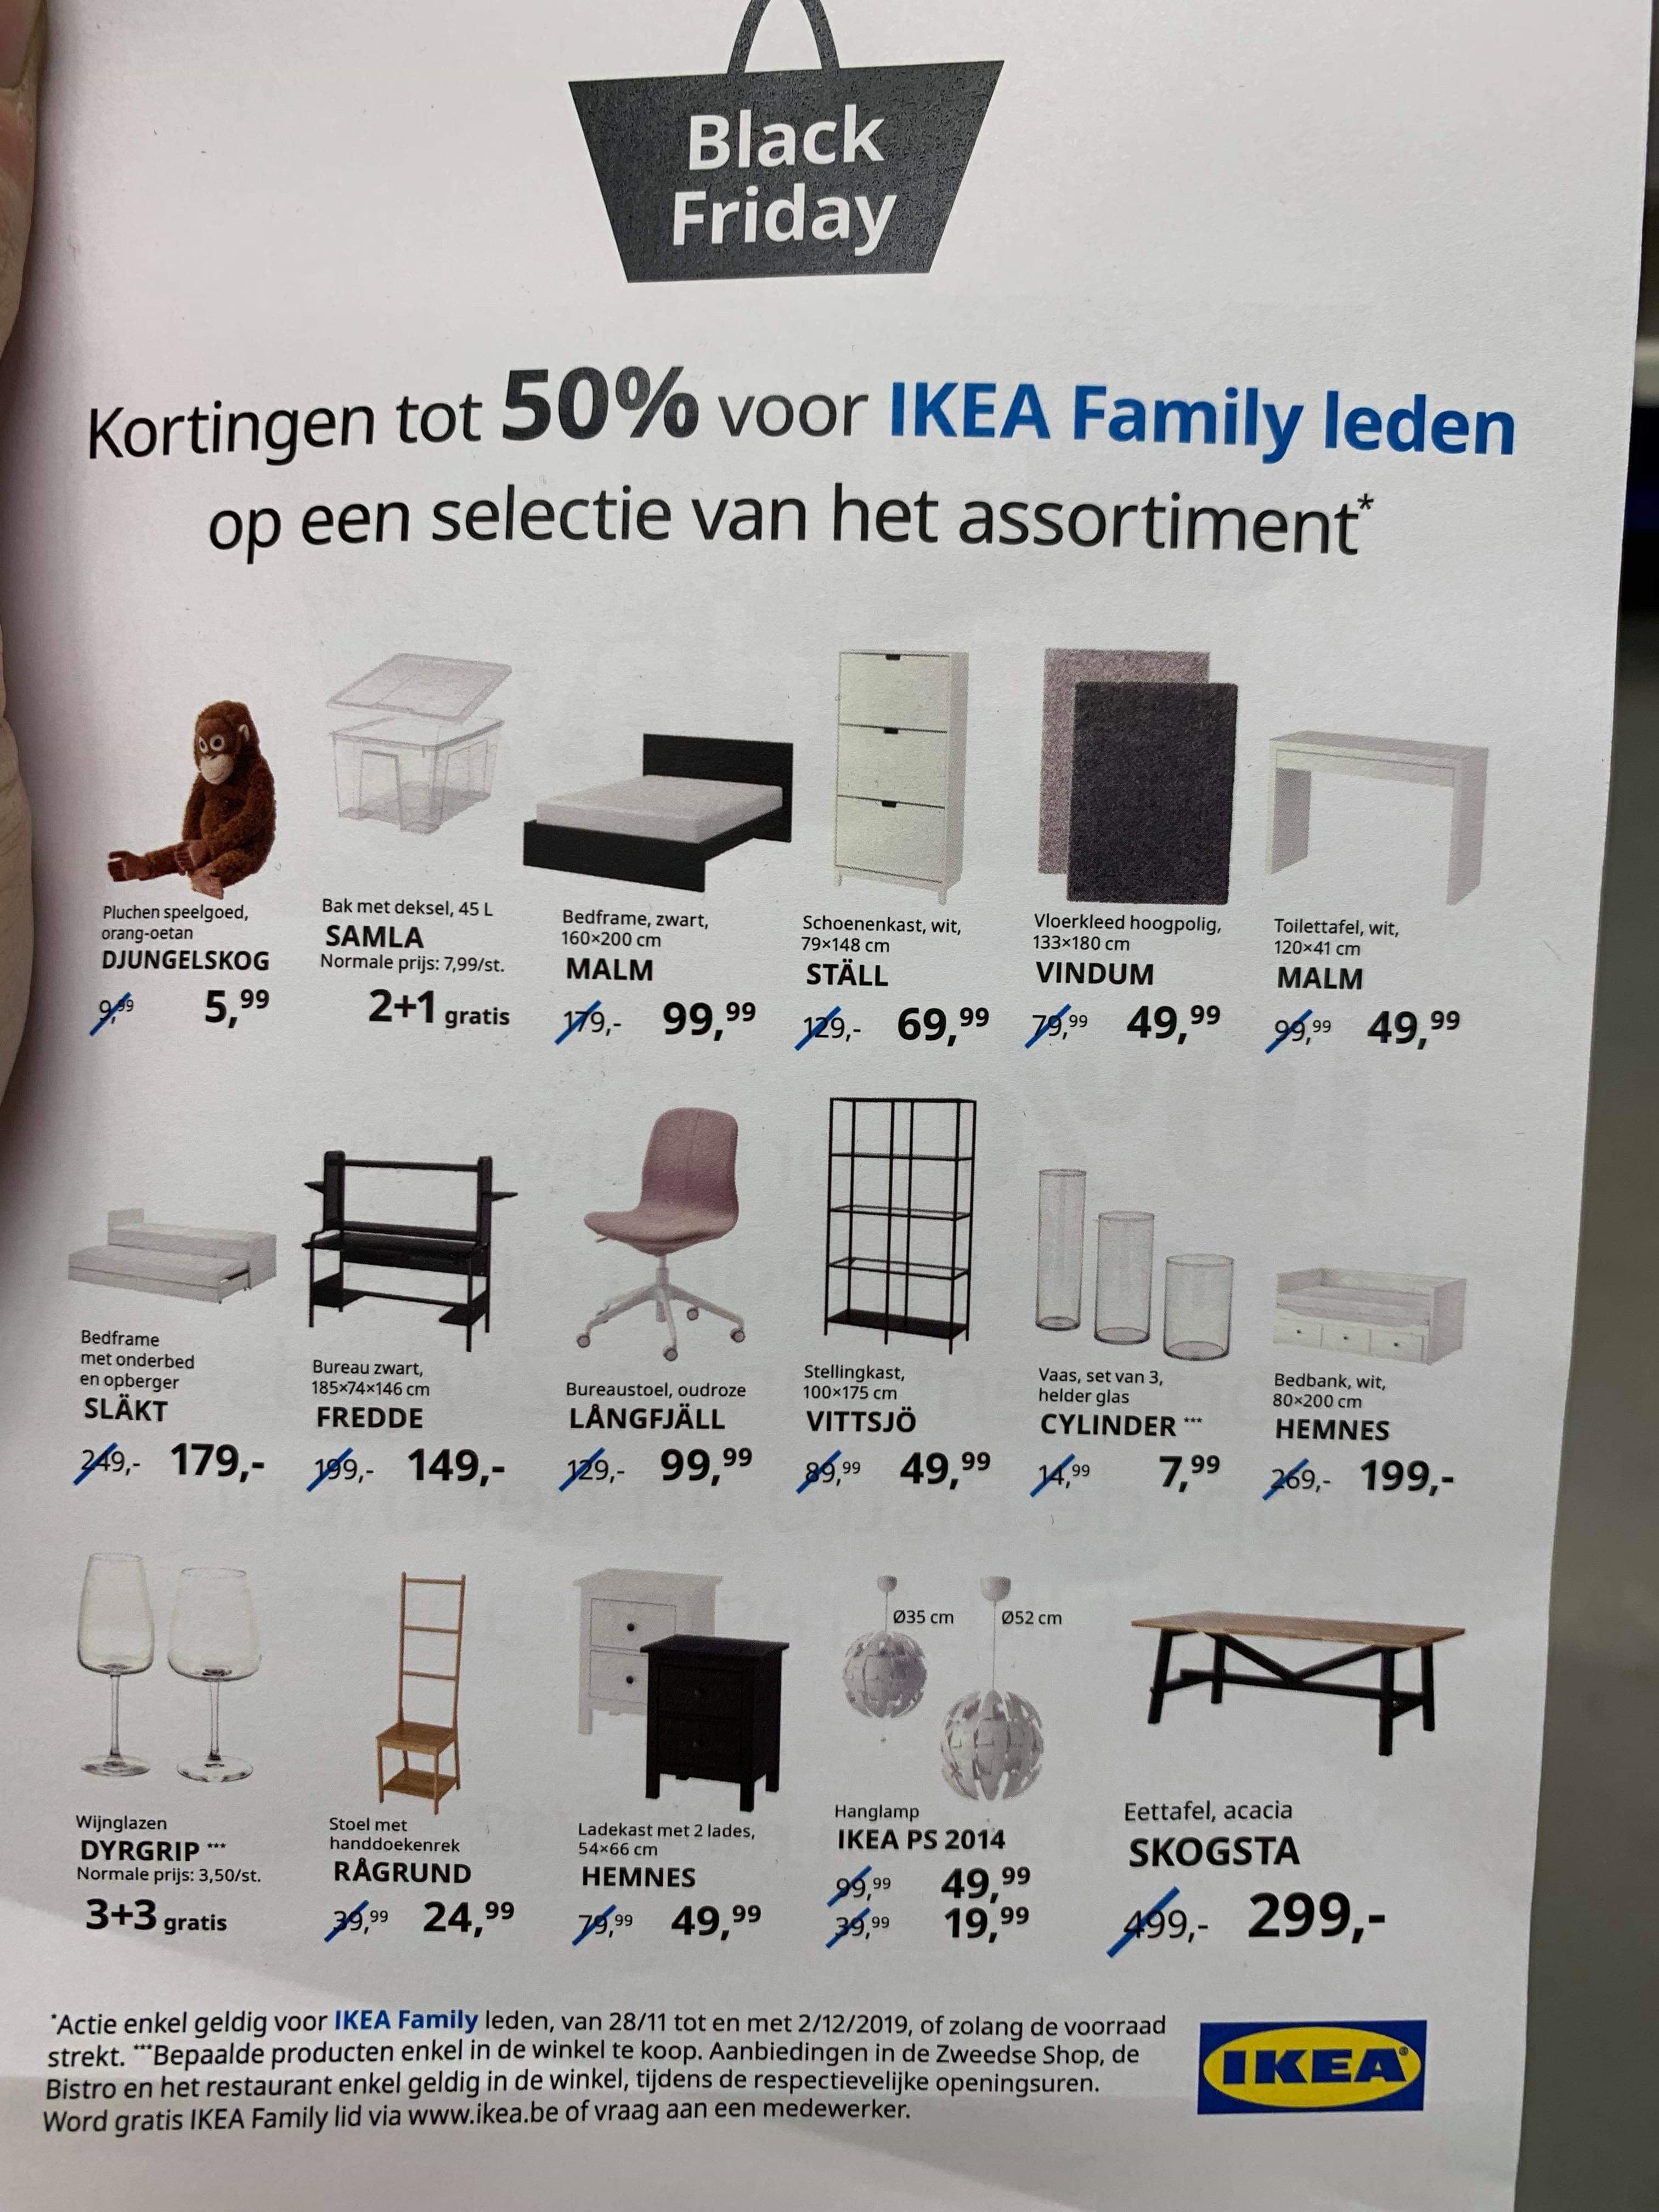 [België] Black friday deals voor ikea family leden